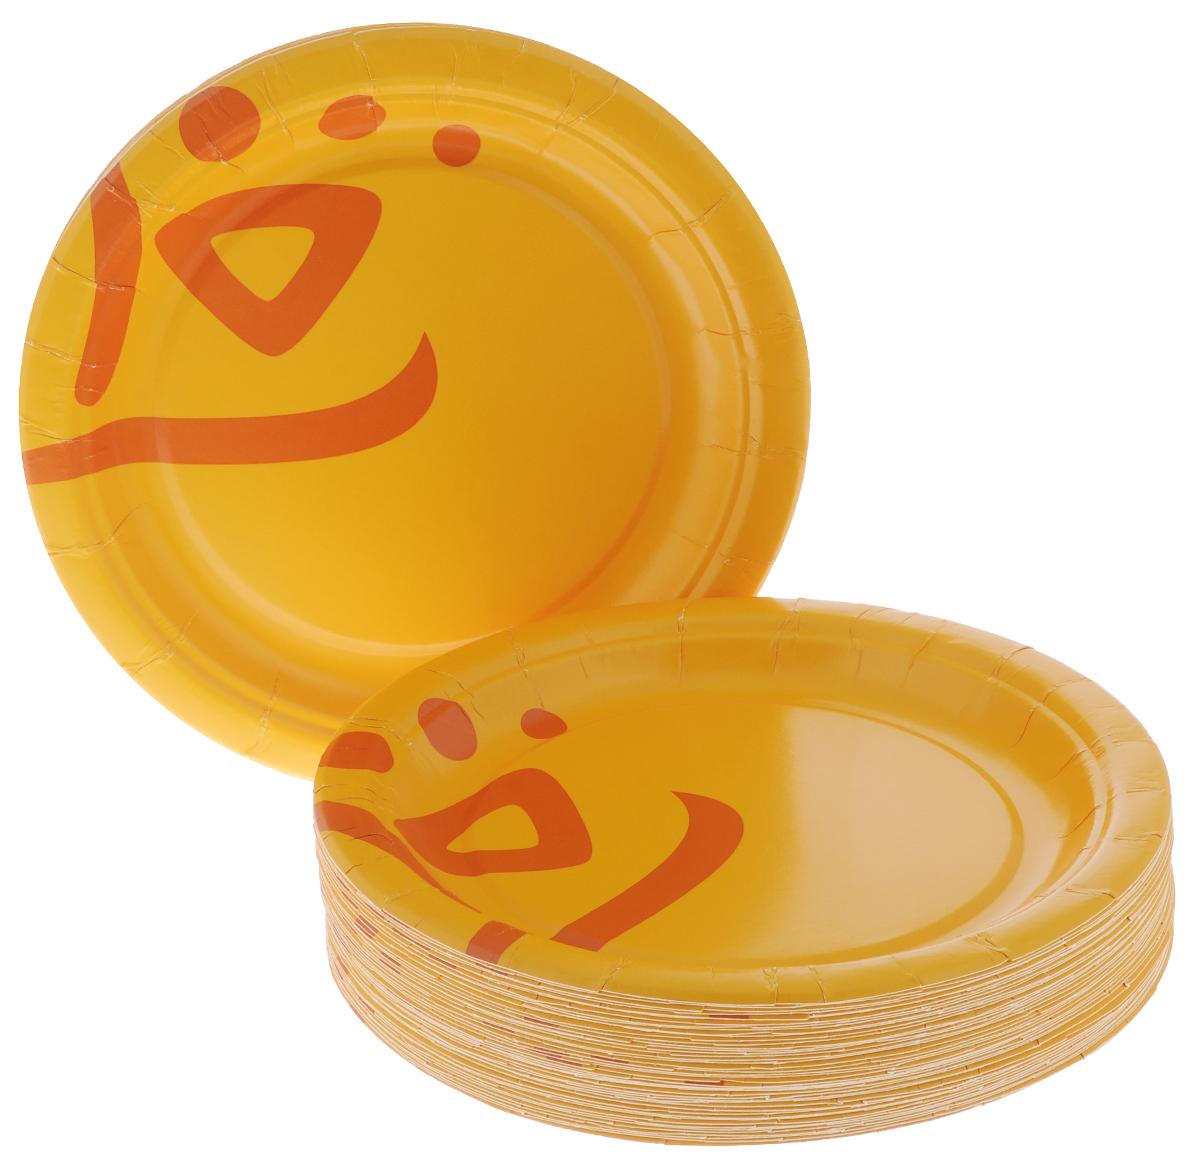 Набор одноразовых тарелок Huhtamaki Whizz, цвет: оранжевый, диаметр 23 см, 50 штFA-5125 WhiteНабор Huhtamaki Whizz состоит из 50 круглых тарелок, выполненных из плотной бумаги и предназначенных для одноразового использования. Изделия декорированы оригинальным узором. Одноразовые тарелки будут незаменимы при поездках на природу, пикниках и других мероприятиях. Они не займут много места, легки и самое главное - после использования их не надо мыть.Диаметр тарелки (по верхнему краю): 23 см.